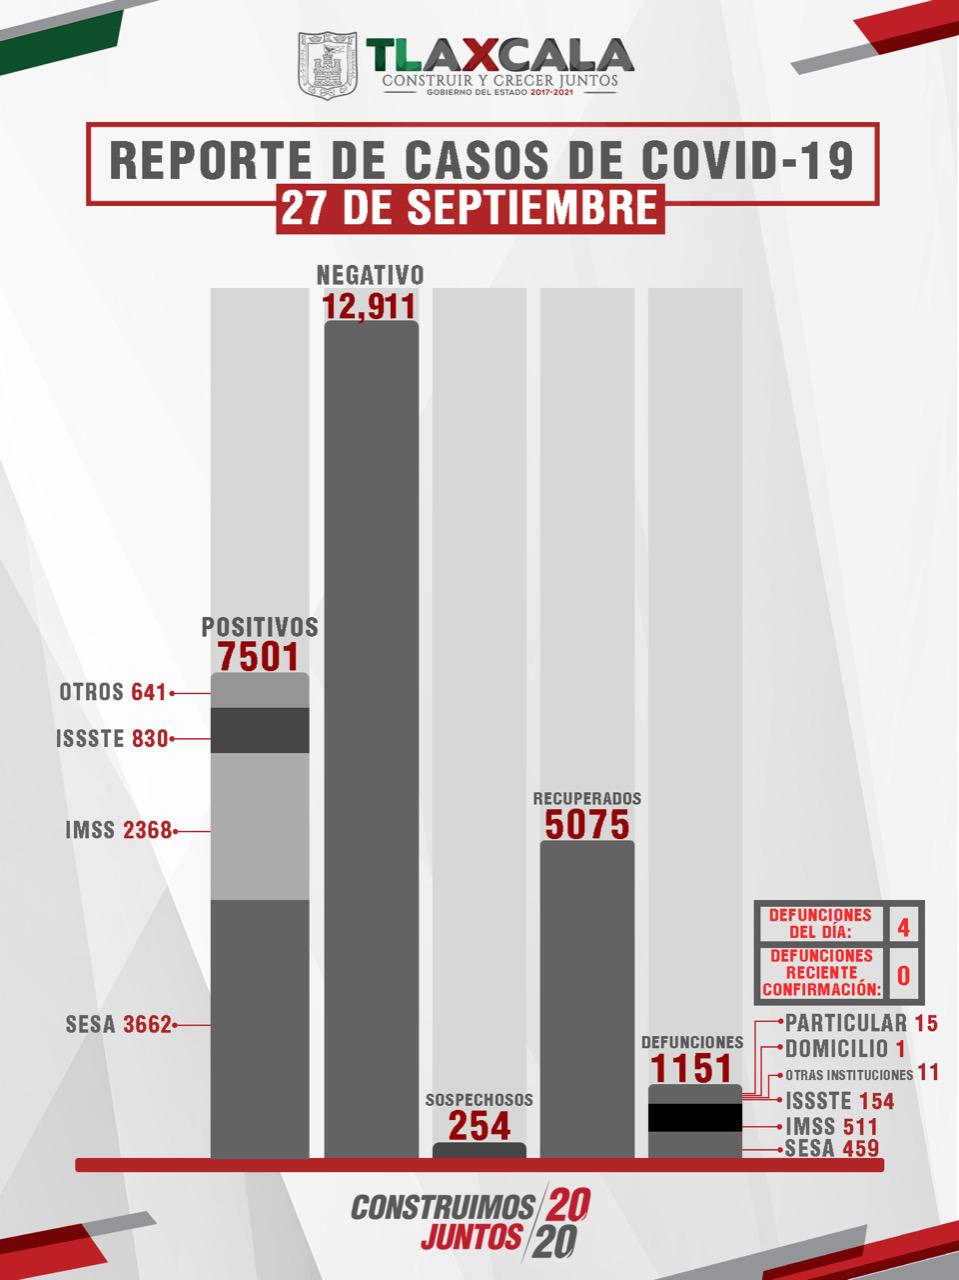 CONFIRMA SESA 14 PERSONAS RECUPERADAS, 4 DEFUNCIONES  Y 31 CASOS POSITIVOS EN TLAXCALA DE COVID-19